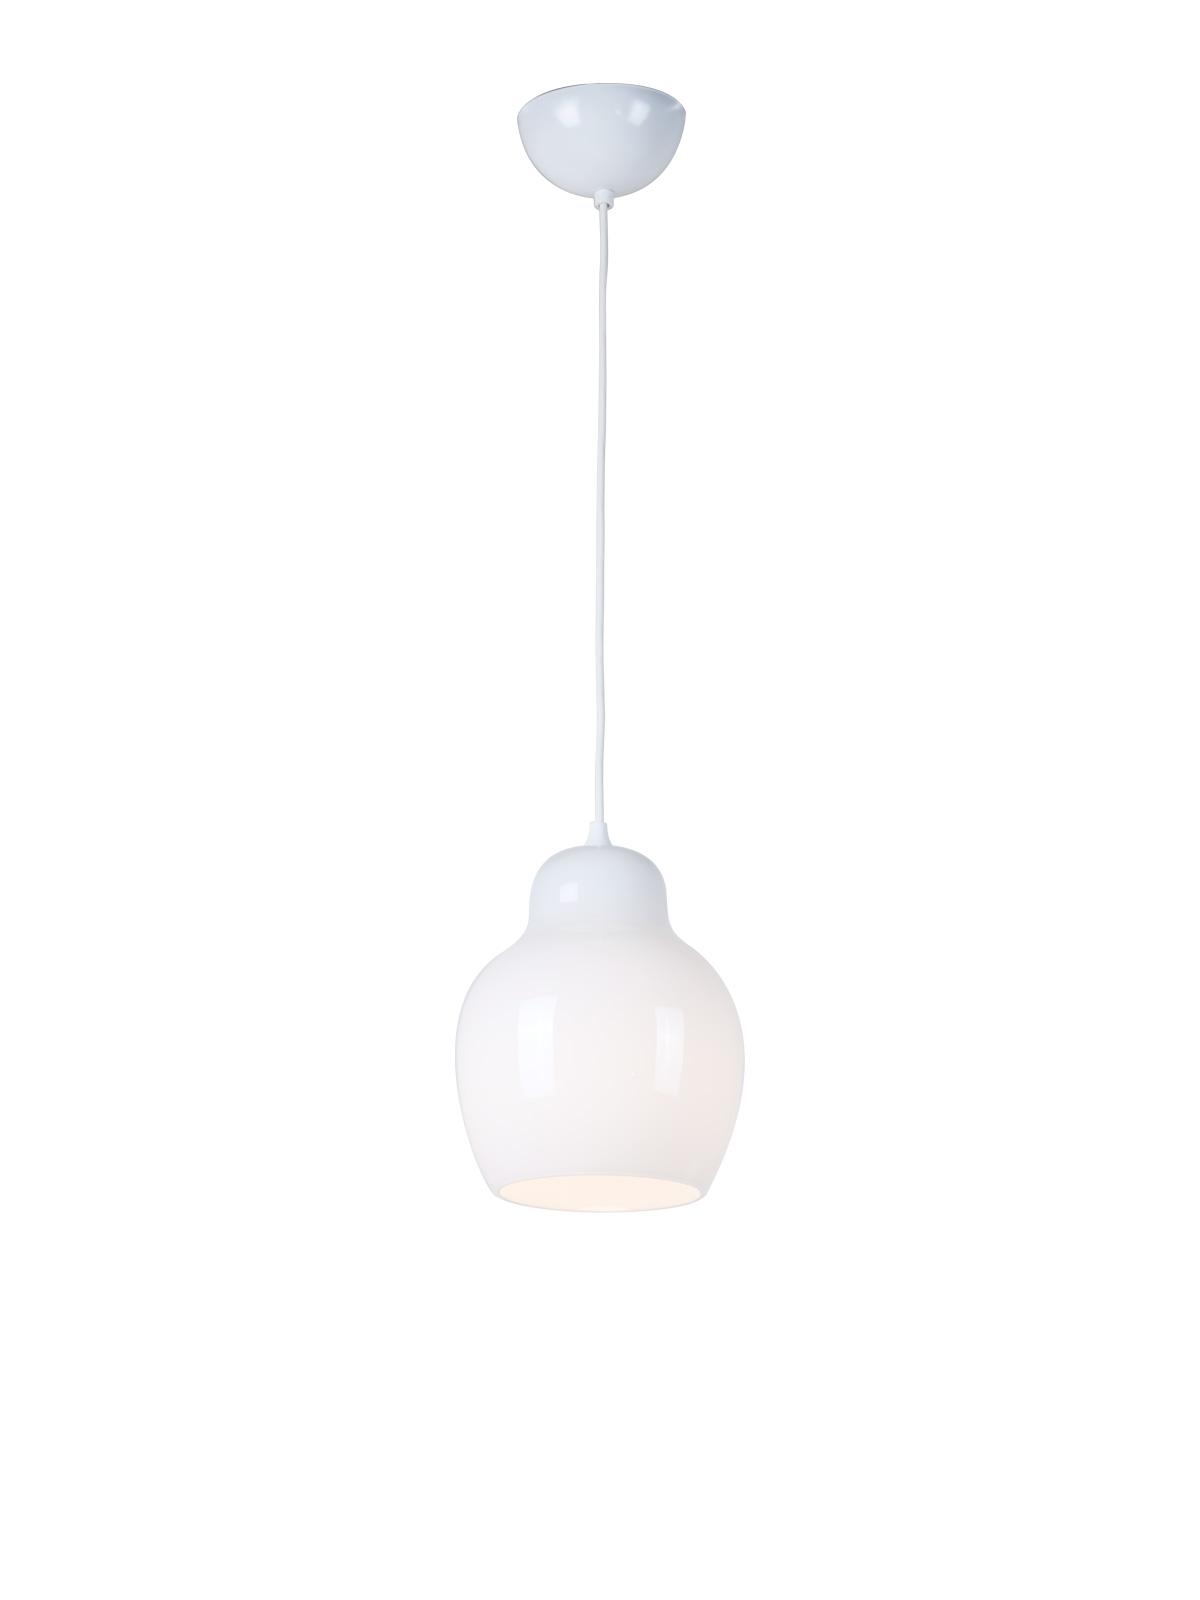 Designerlampe aus Opalglas Pomelo von Innermost